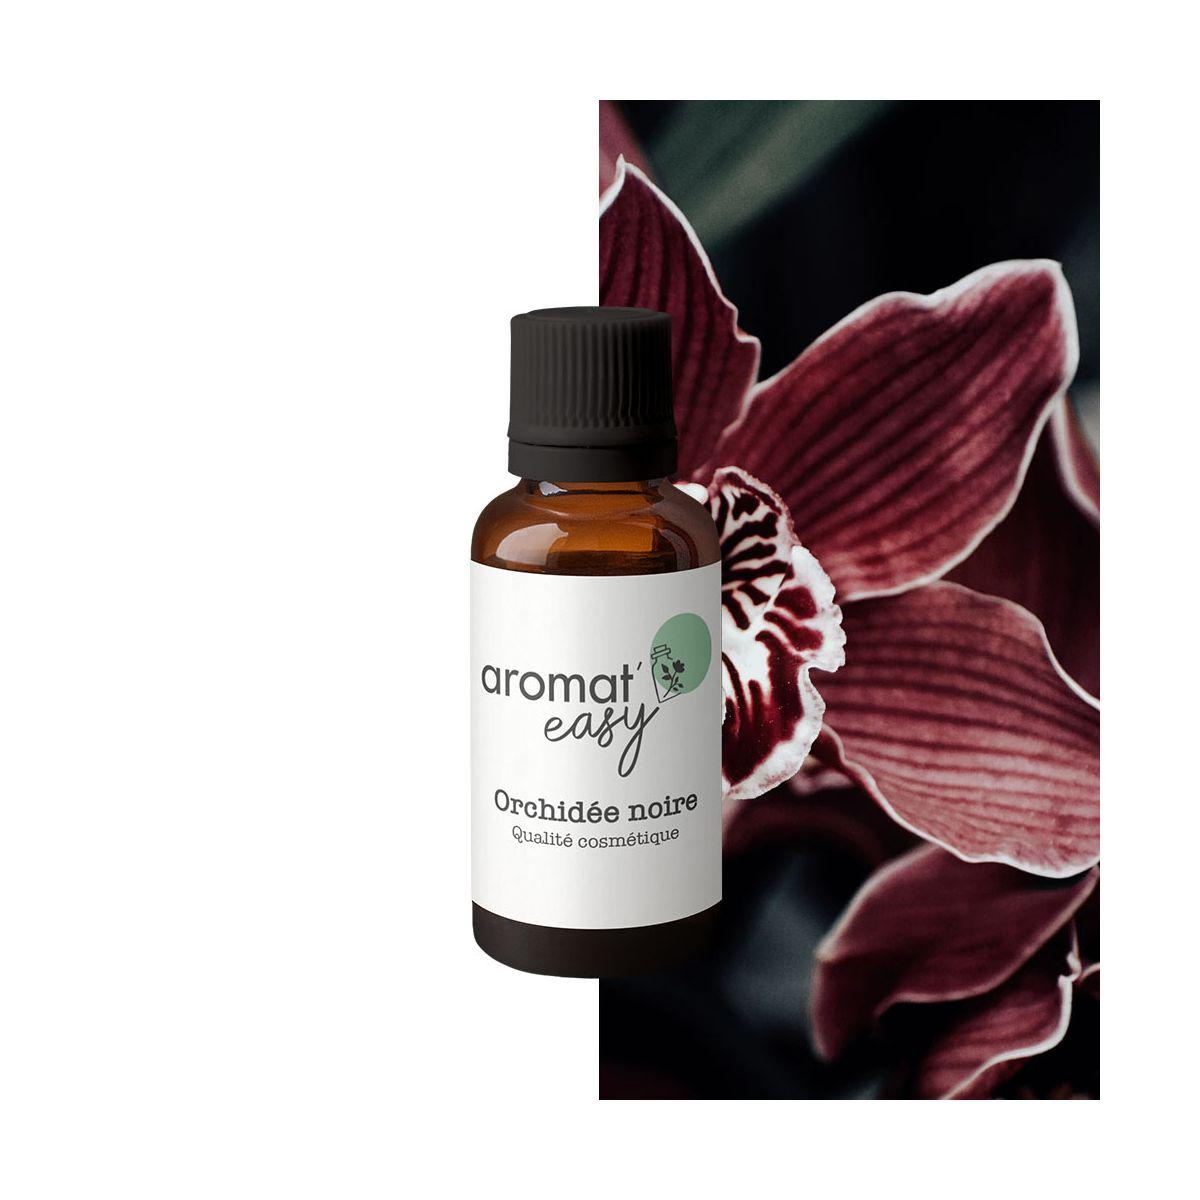 Fragrance Orchidée noire